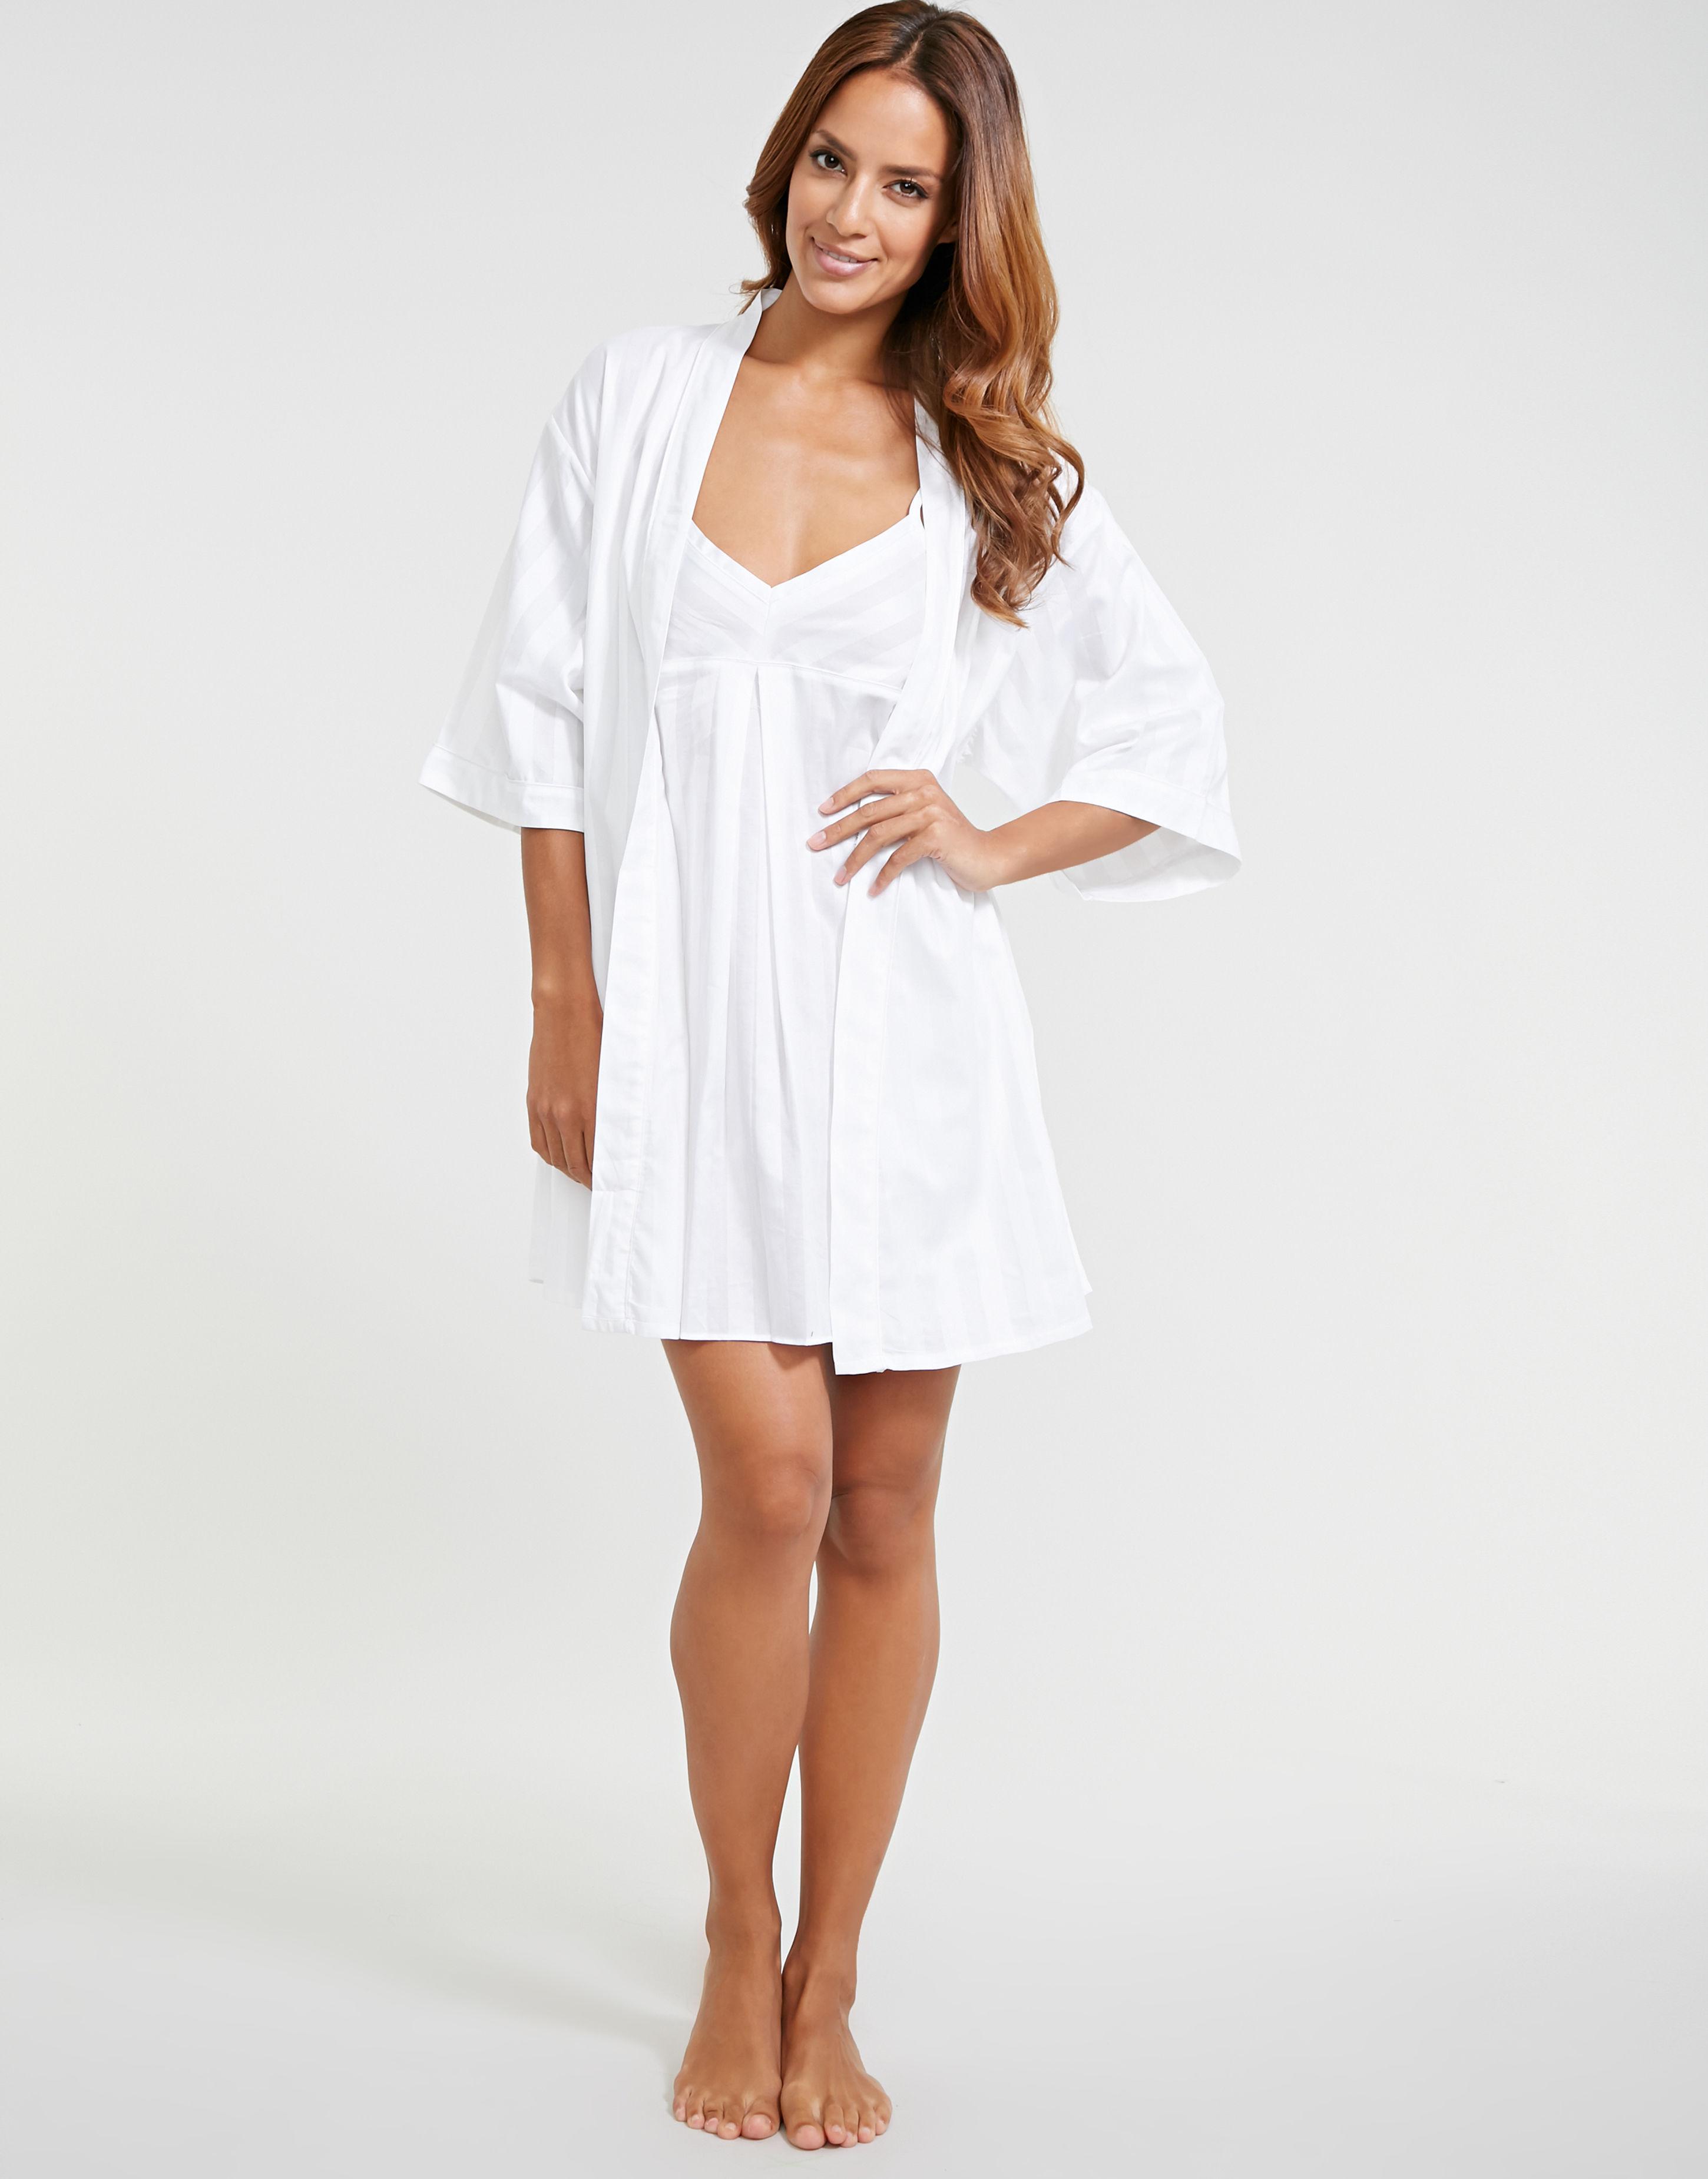 Bodas Cotton Nightwear Short Robe in White - Lyst 834b7b872